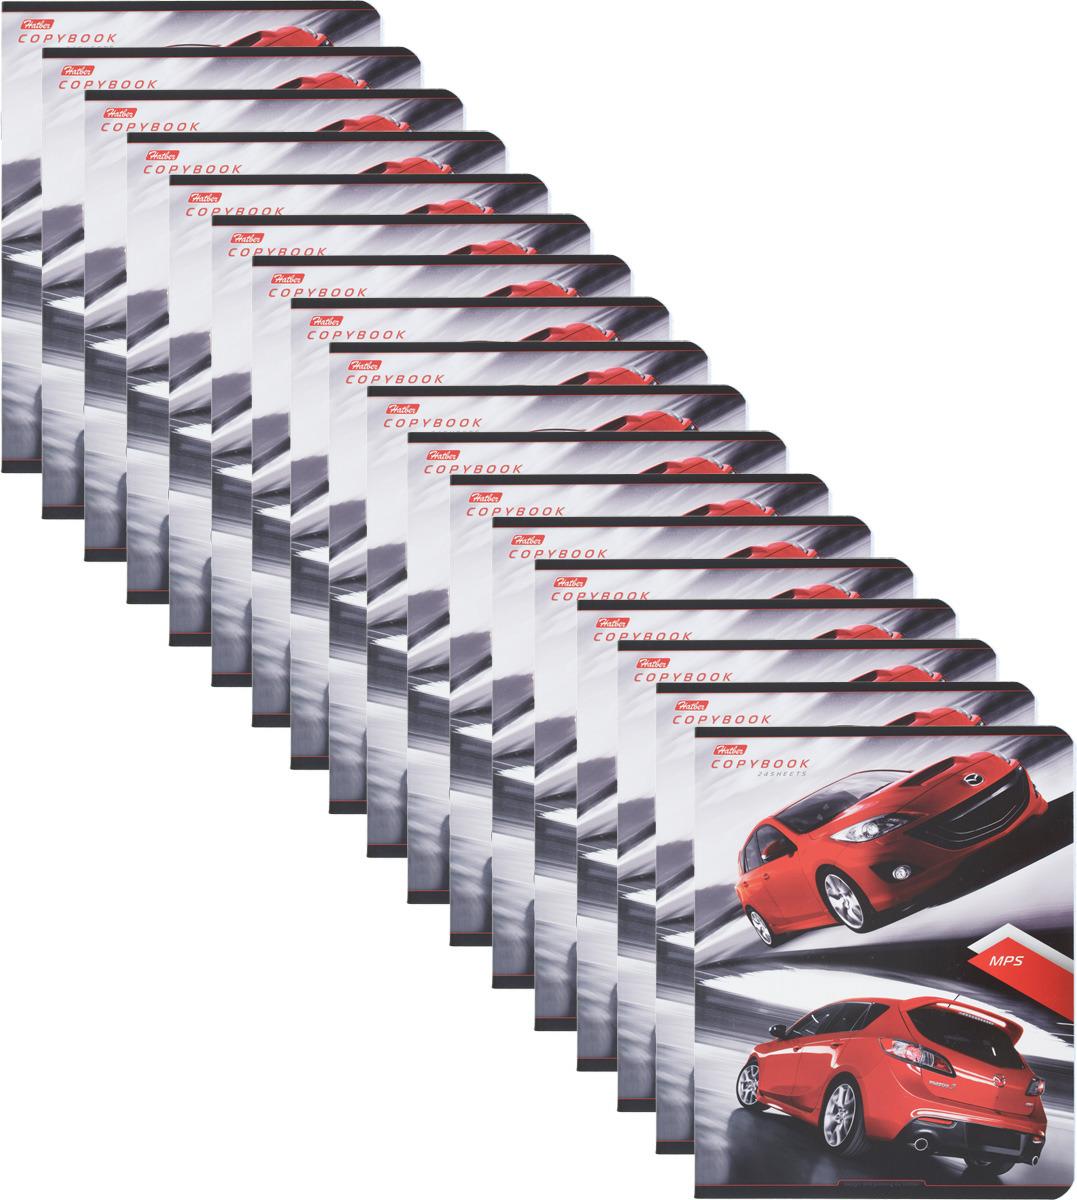 Набор тетрадей Hatber Автомобили, 24Т5B1, разноцветный, A5, 24 листа в клетку, 18 шт набор тетрадей альт а5 24л 5шт в наборе клетка тисн фольгой блестки телки метелки